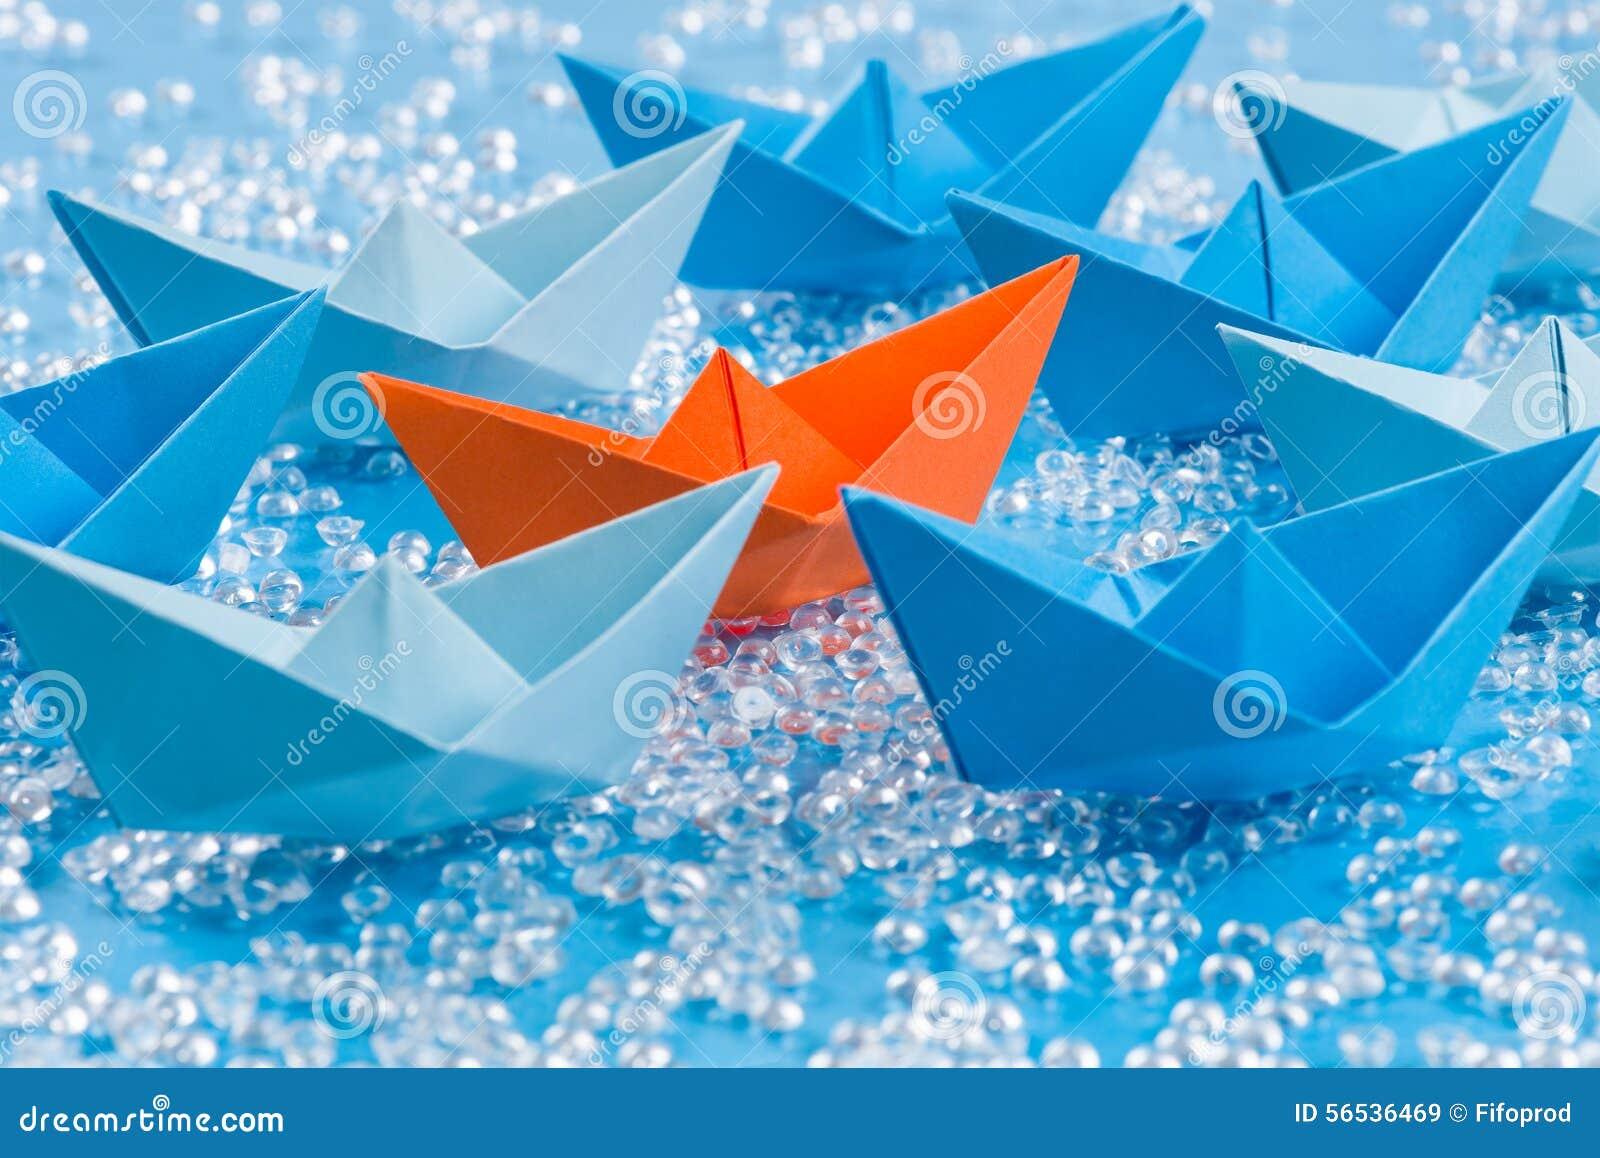 Vloot van blauwe Origamidocument schepen op blauw water zoals achtergrond die oranje omringen